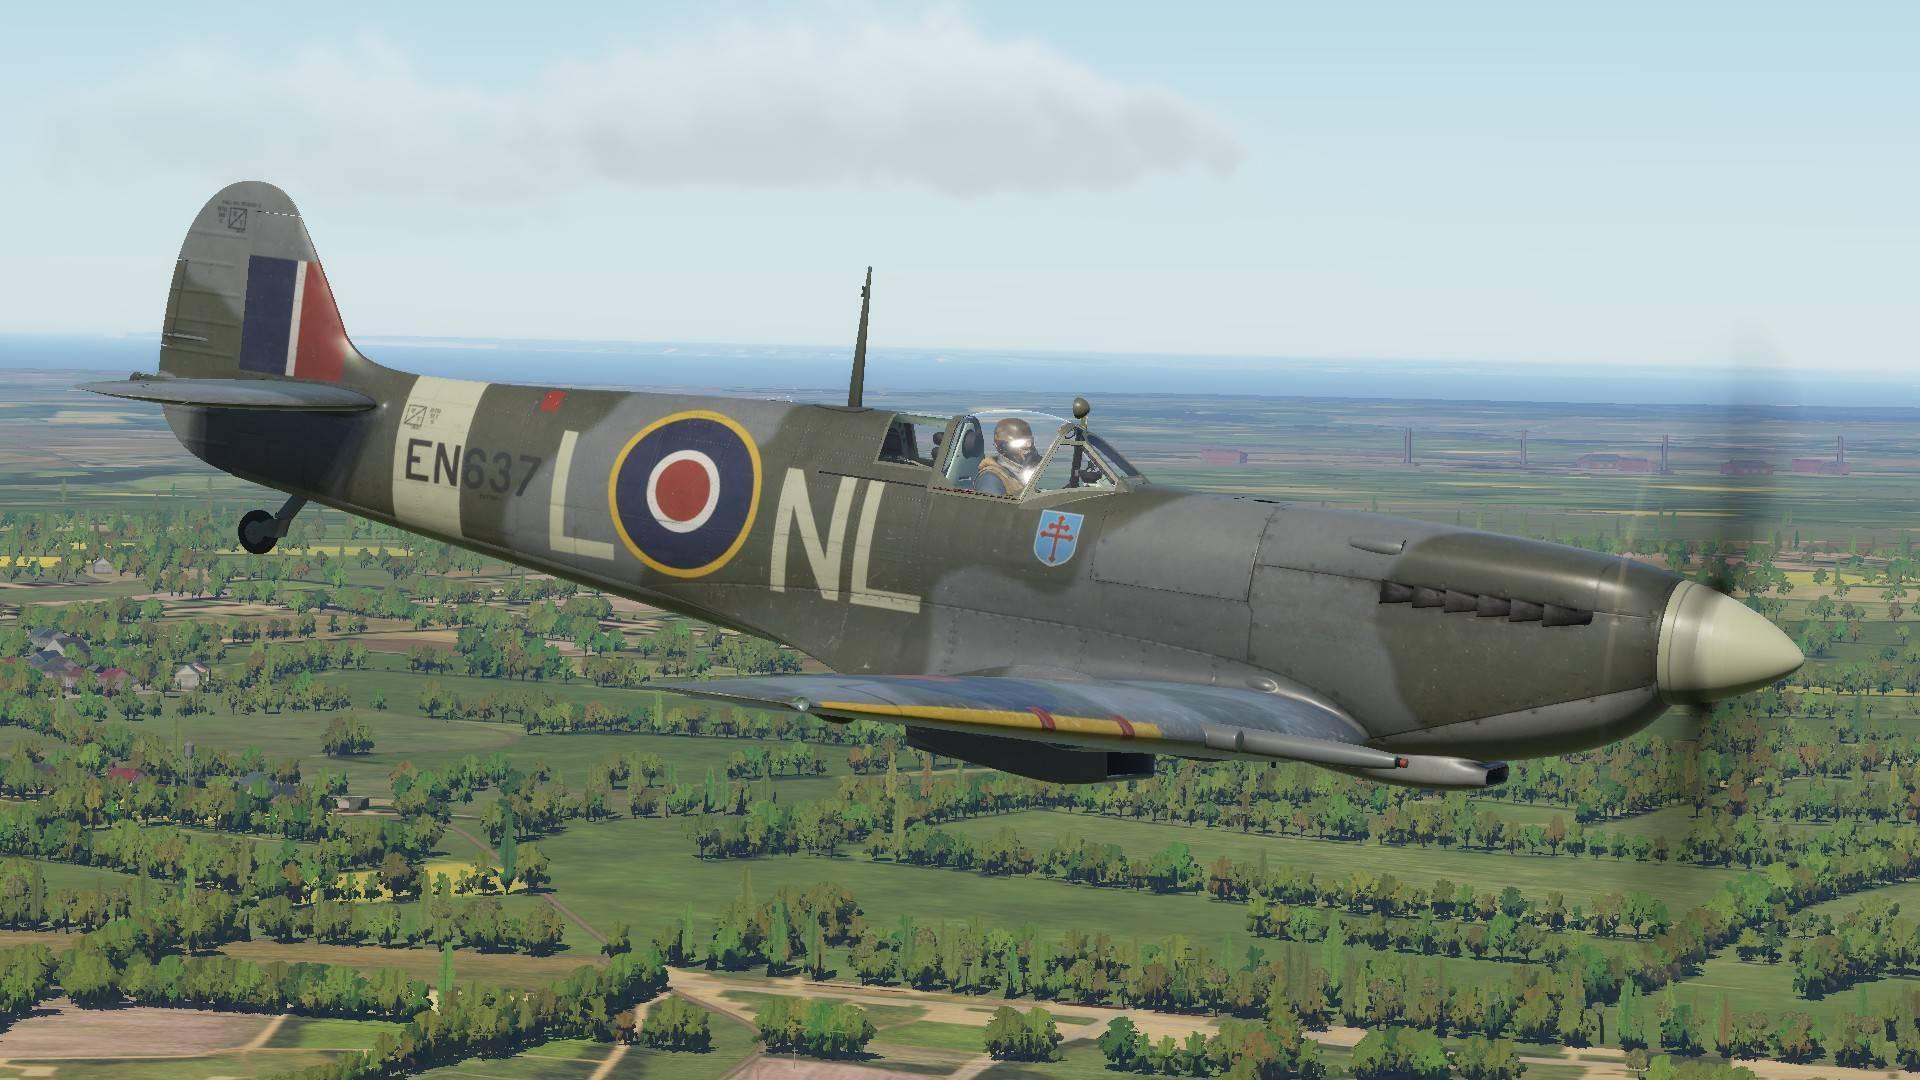 Spitfire mk iib - war thunder wiki